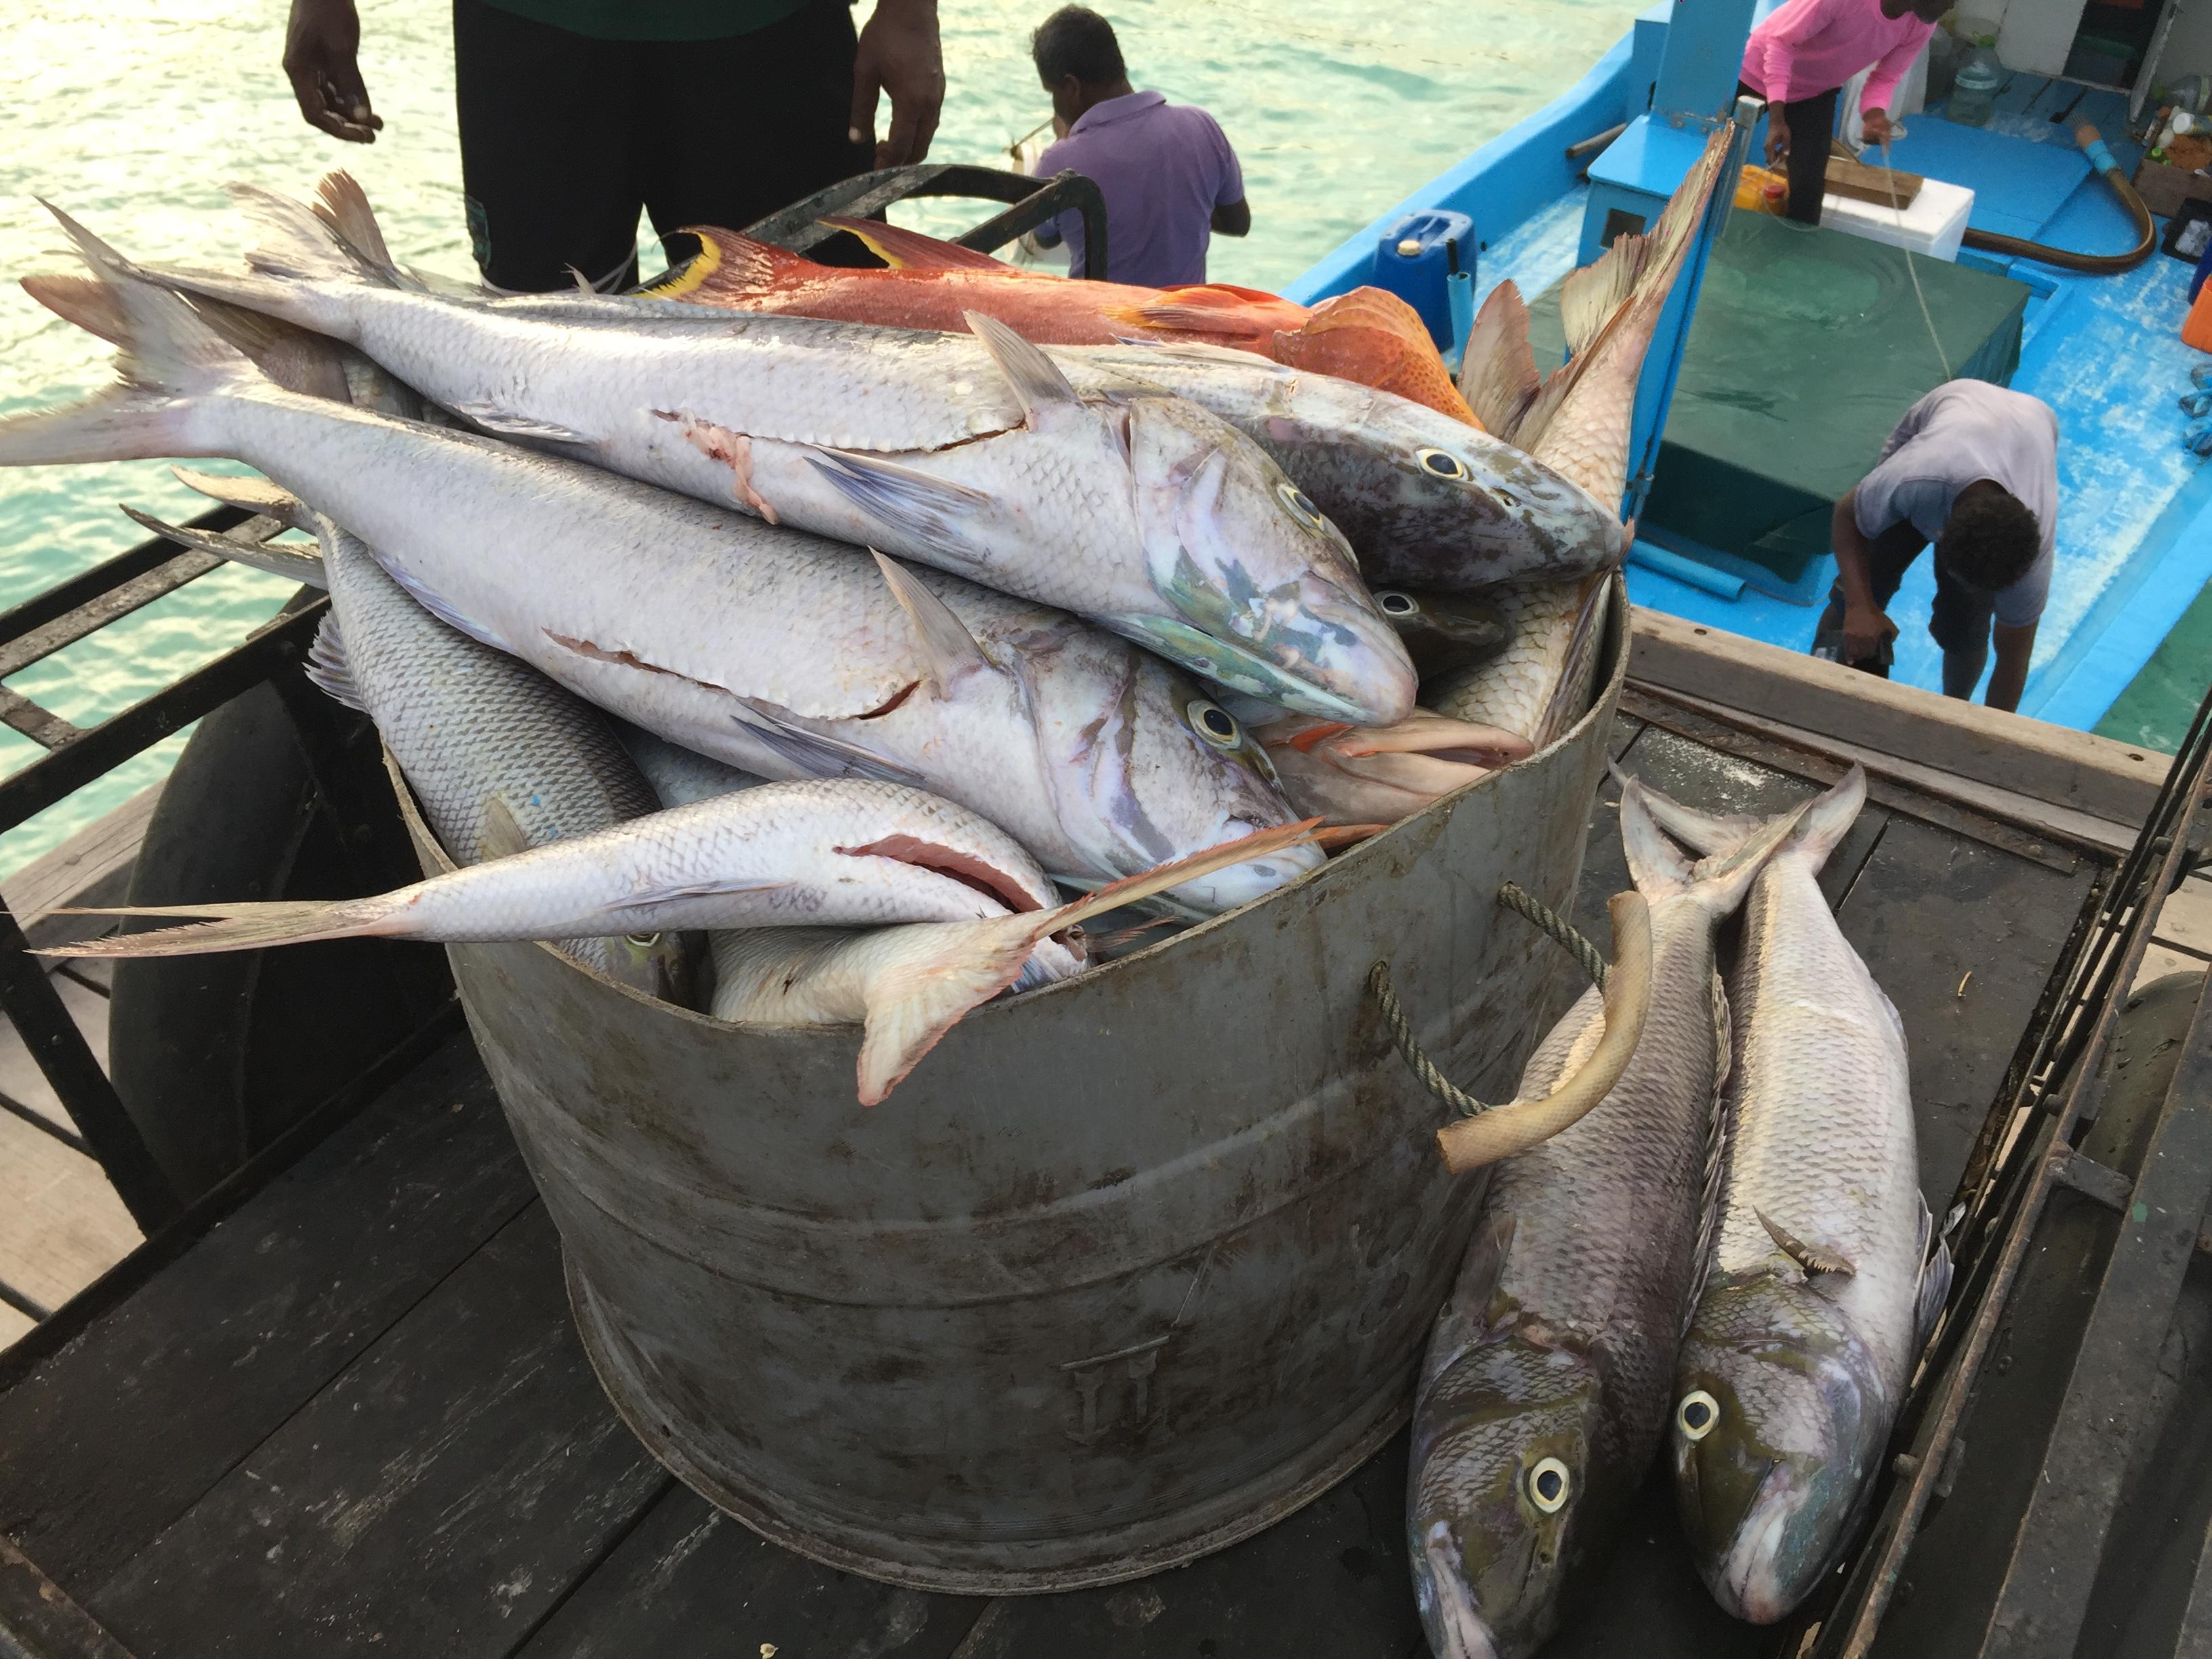 TUI-Berlin-Reisebüro-Malediven-frischer-Fisch